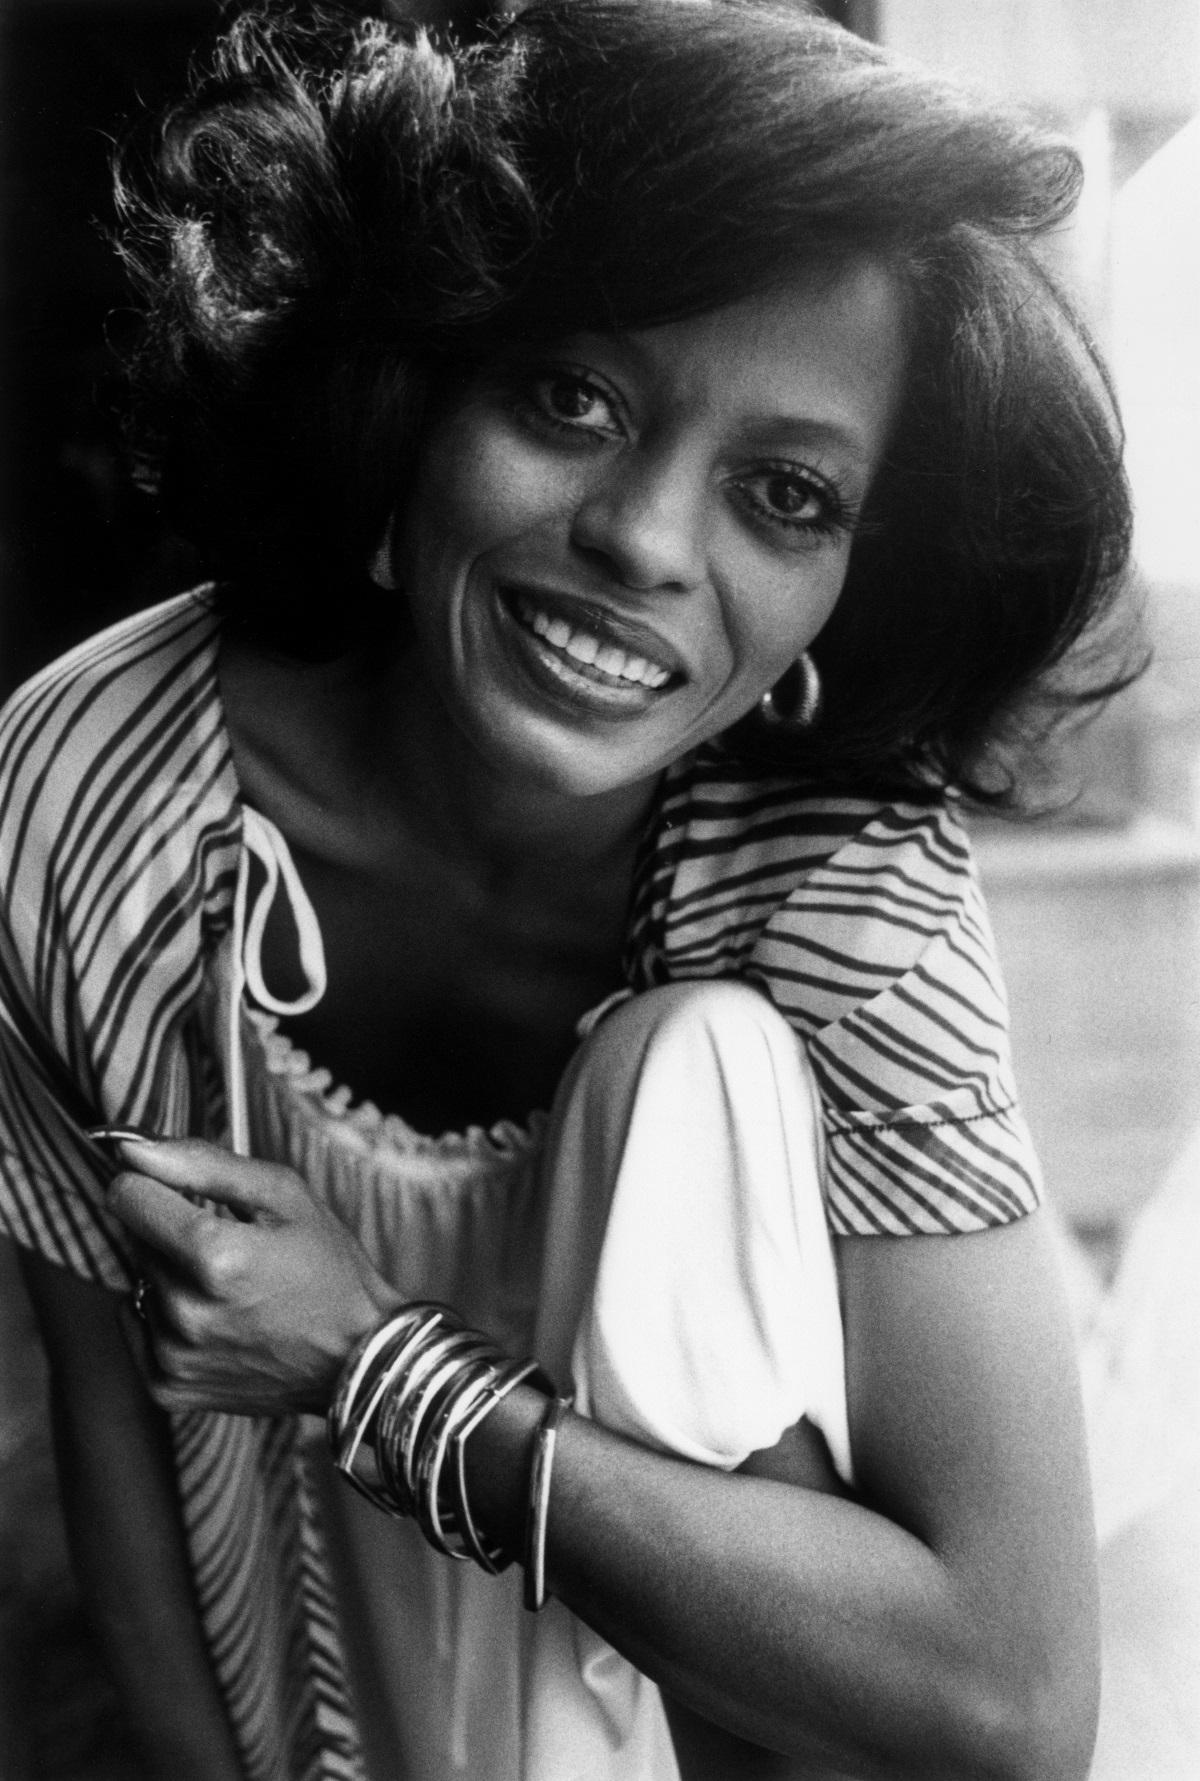 """Американската певица, актриса и музикален продуцент става известна през 60-те години на миналия век с участието си в групата """"Сюпримс"""" (The Supremes). 10 години по-късно започва самостоятелна кариера и по-късно през годините се радва на огромен успех. През 1976 г. сп. """"Билборд"""" я обявява за """"Артистката на века"""". Продала е над 100 милиона албума, освен на сцената, доказва таланта си и в киното. През 2017 г. Рос получи приз за цялостно творчество на Американските музикални награди, а през 2016 г. тя стана носител на Медала на свободата, връчен ѝ лично от бившия президент на САЩ Барак Обама."""